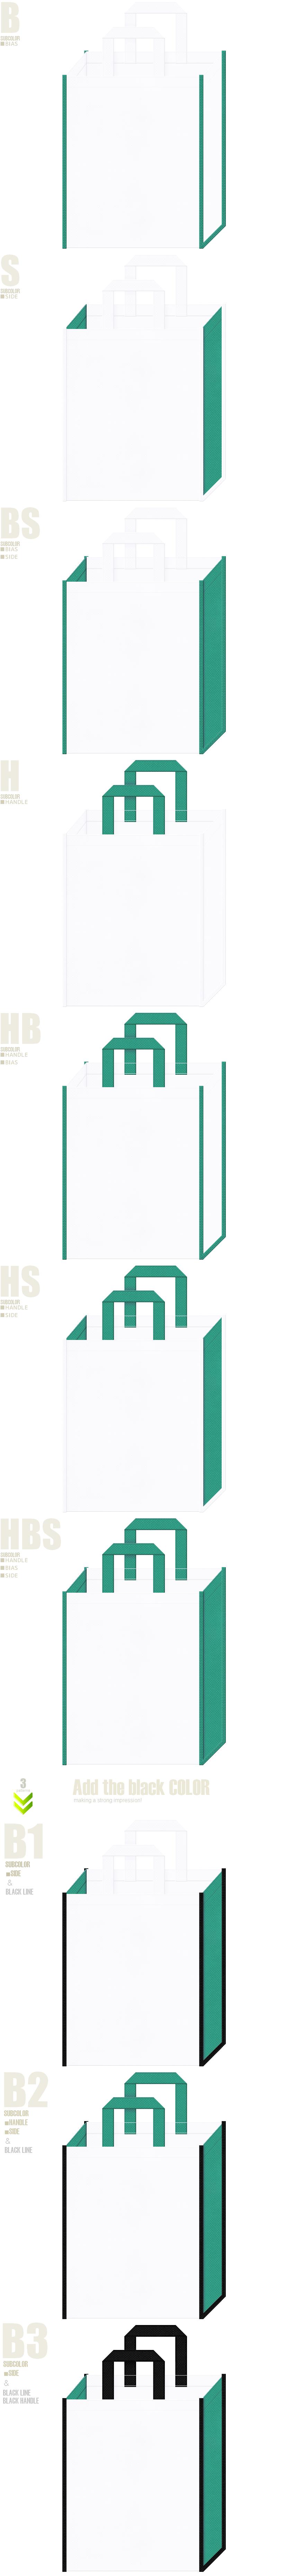 展示会用バッグ・スポーツイベント・青信号・文具・石鹸・洗剤・入浴剤・バス用品・お掃除用品・家庭用品・医療施設・福祉施設・介護施設・バイオ・薬学部・理学部・工学部・歯学部・学校・学園・オープンキャンパスにお奨めの不織布バッグデザイン:白色と青緑色のコーデ10パターン